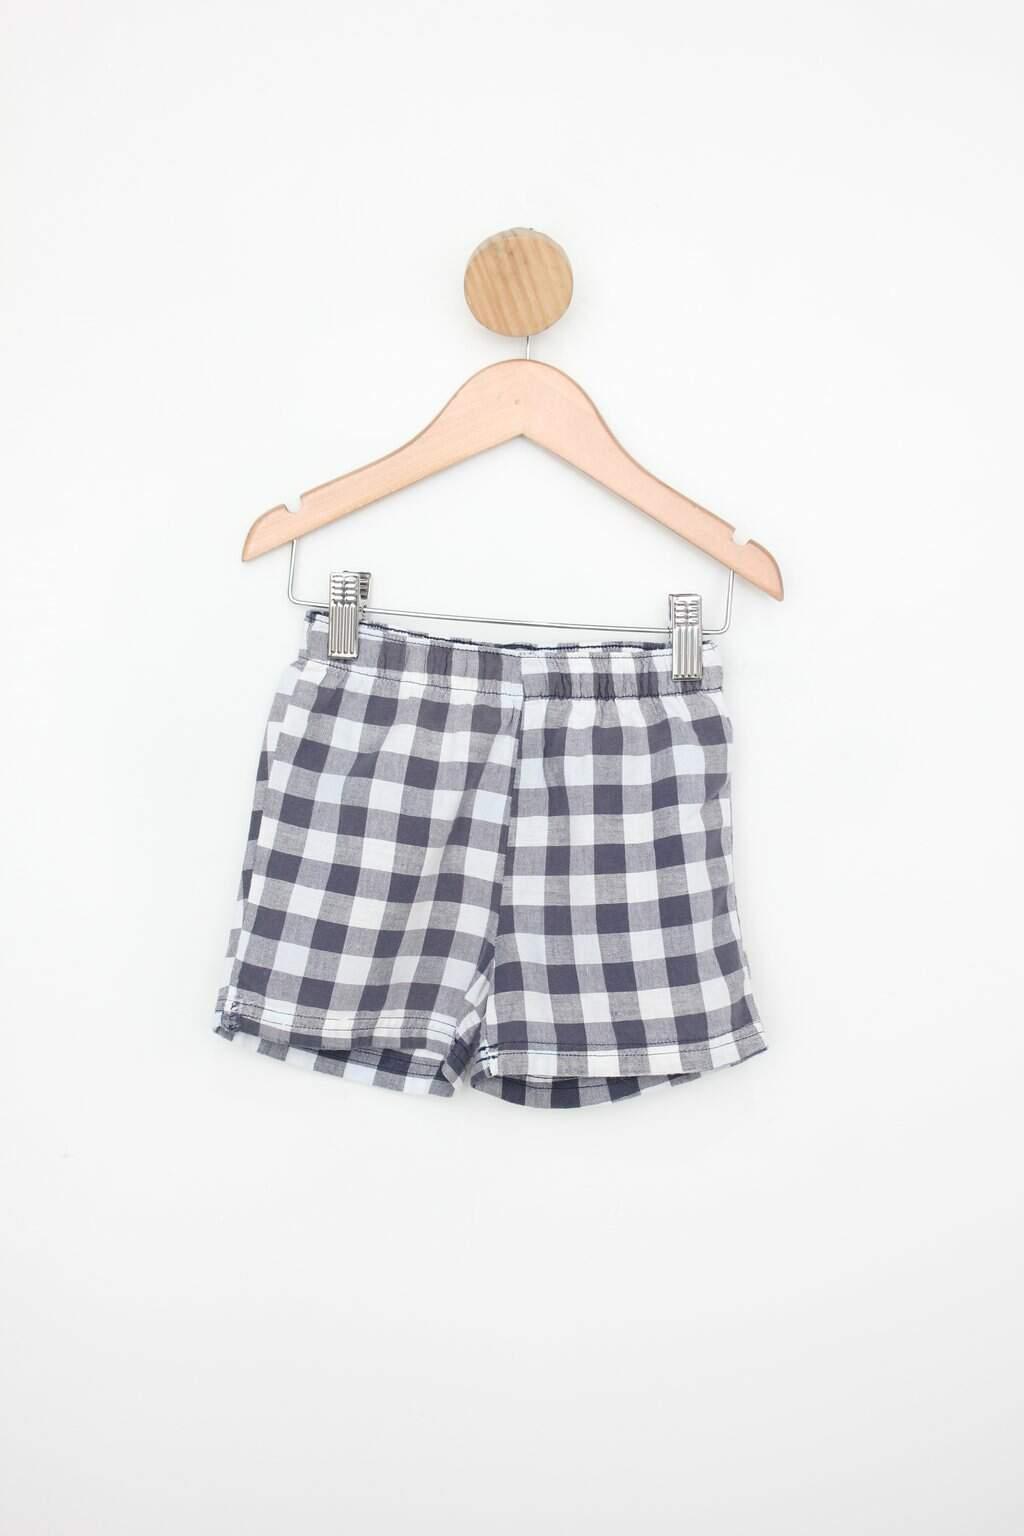 Shorts Infantil Hering Cinza E Branco Com Estampa Xadrez